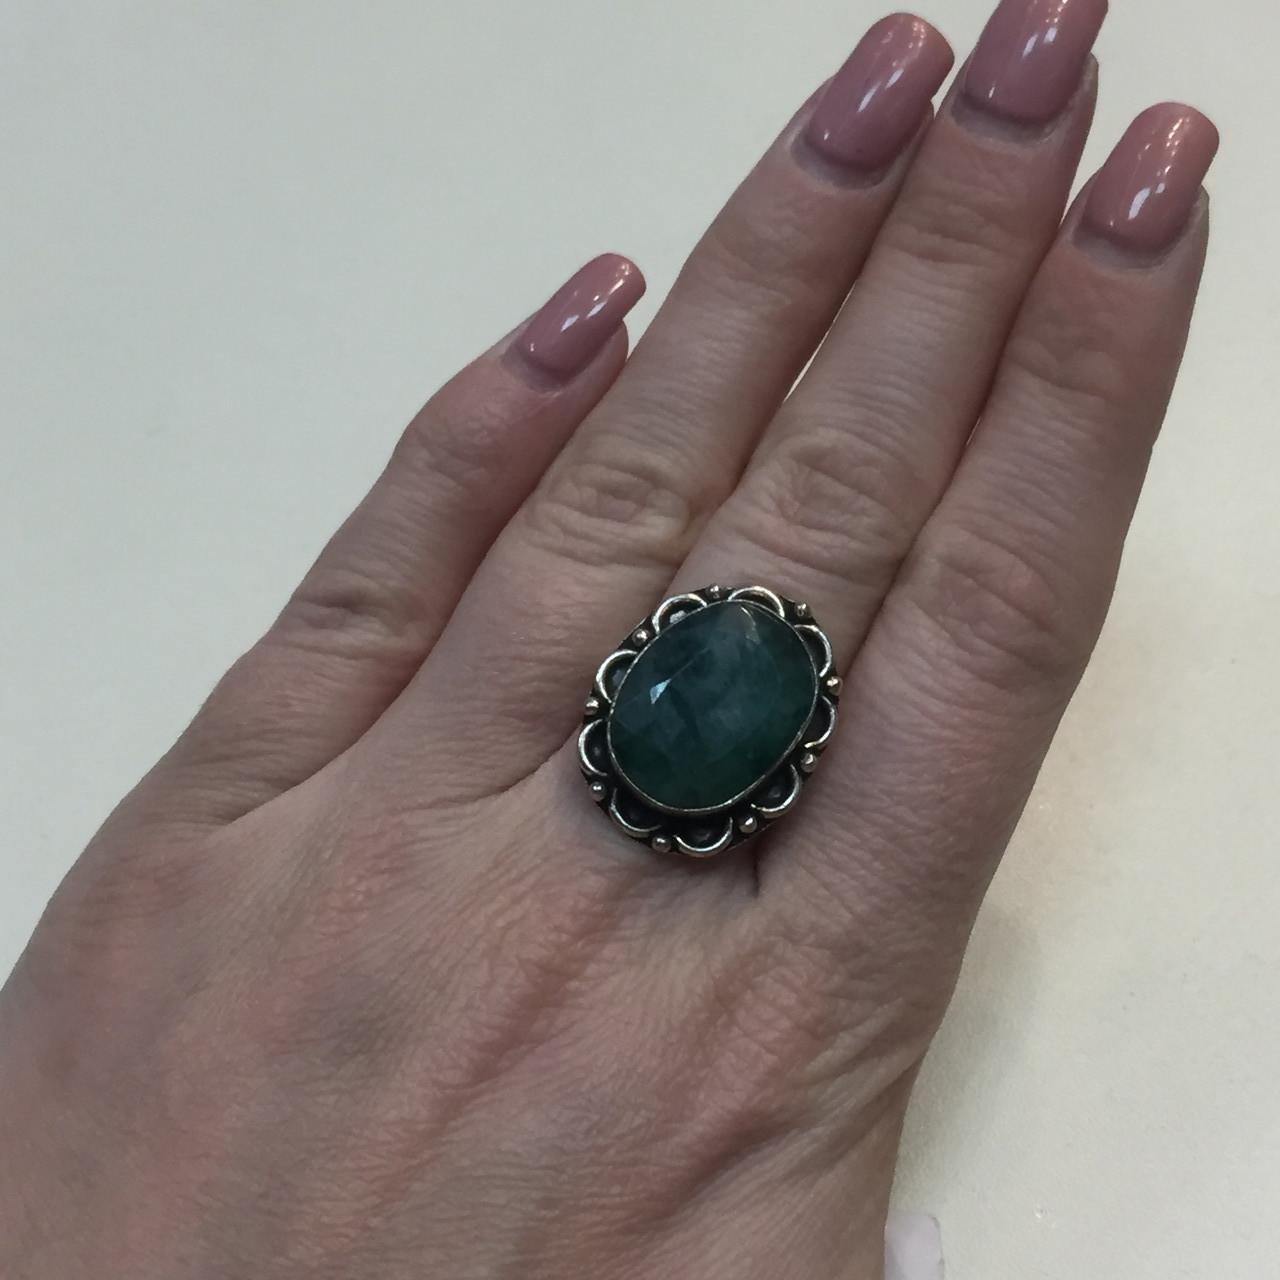 Изумруд кольцо овальное с натуральным камнем изумруд в серебре. Кольцо с изумрудом. Размер 17-17,5. Индия